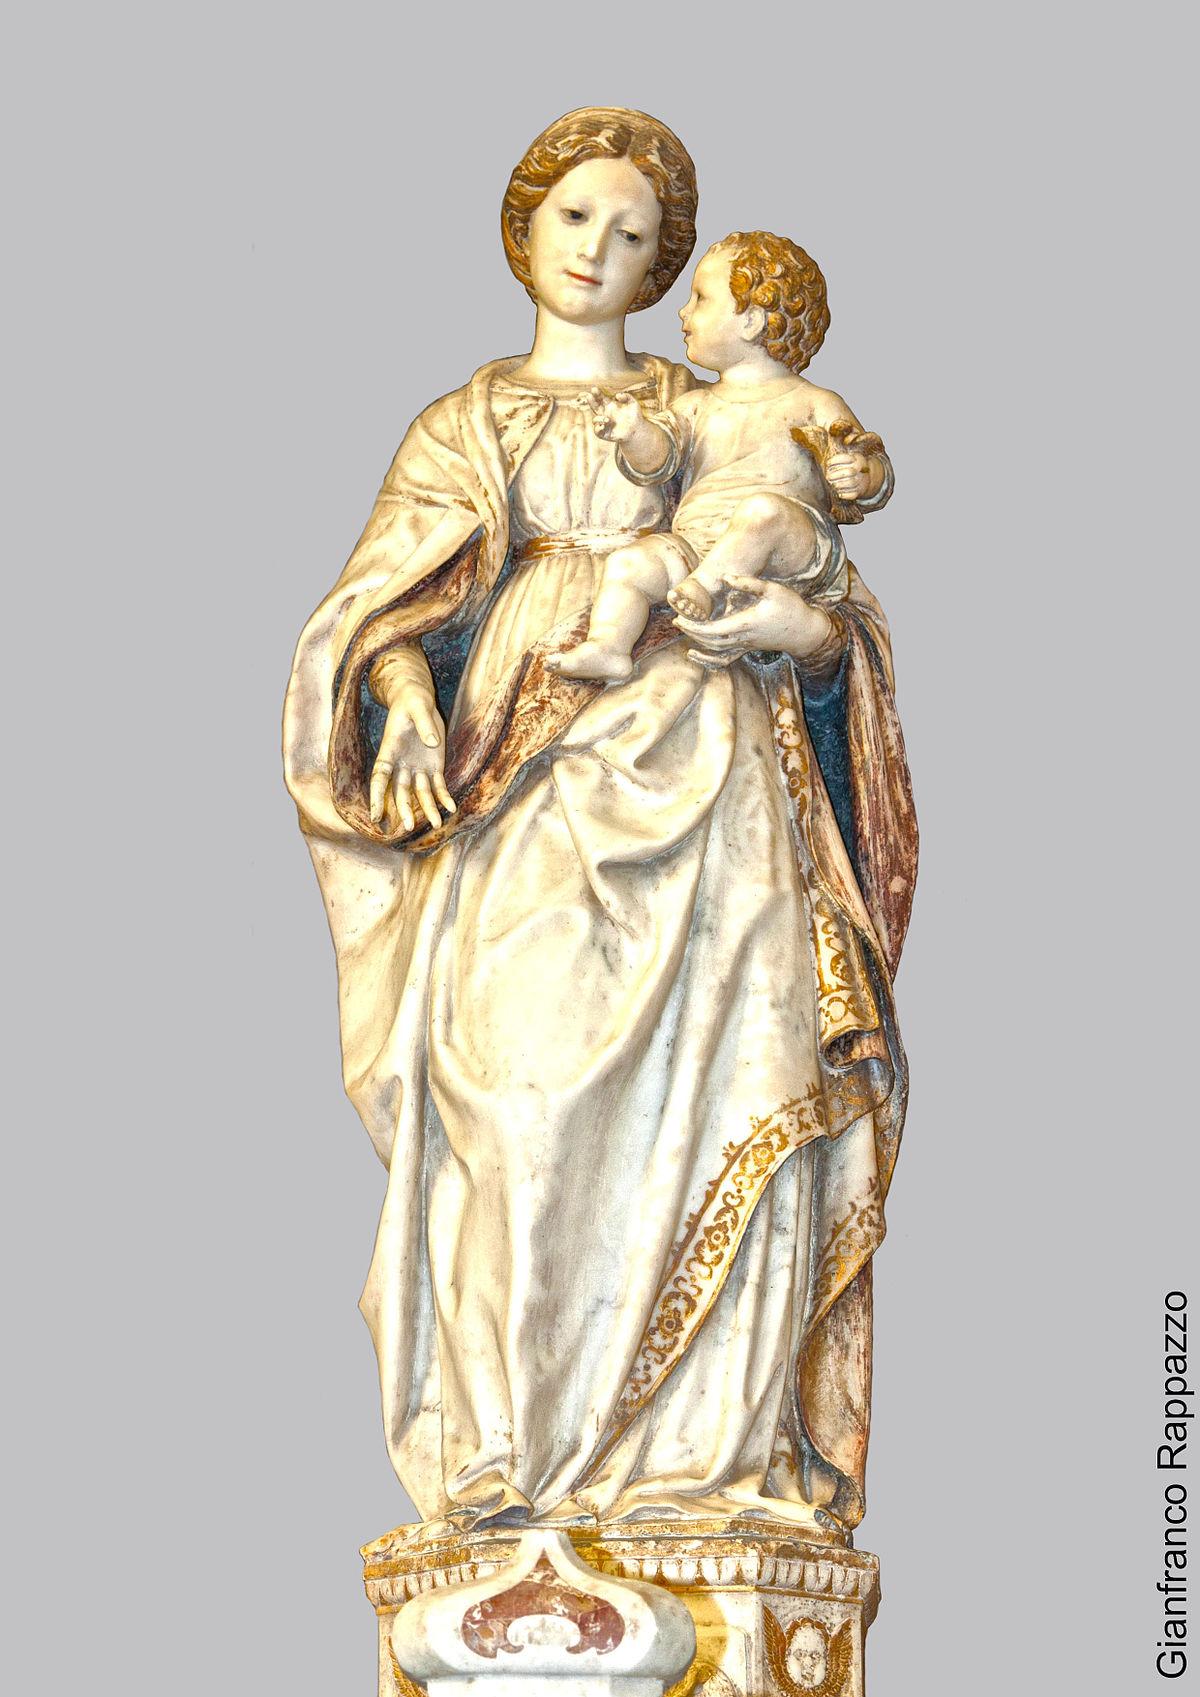 Madonna della neve wikipedia for Interno 5 b b roma